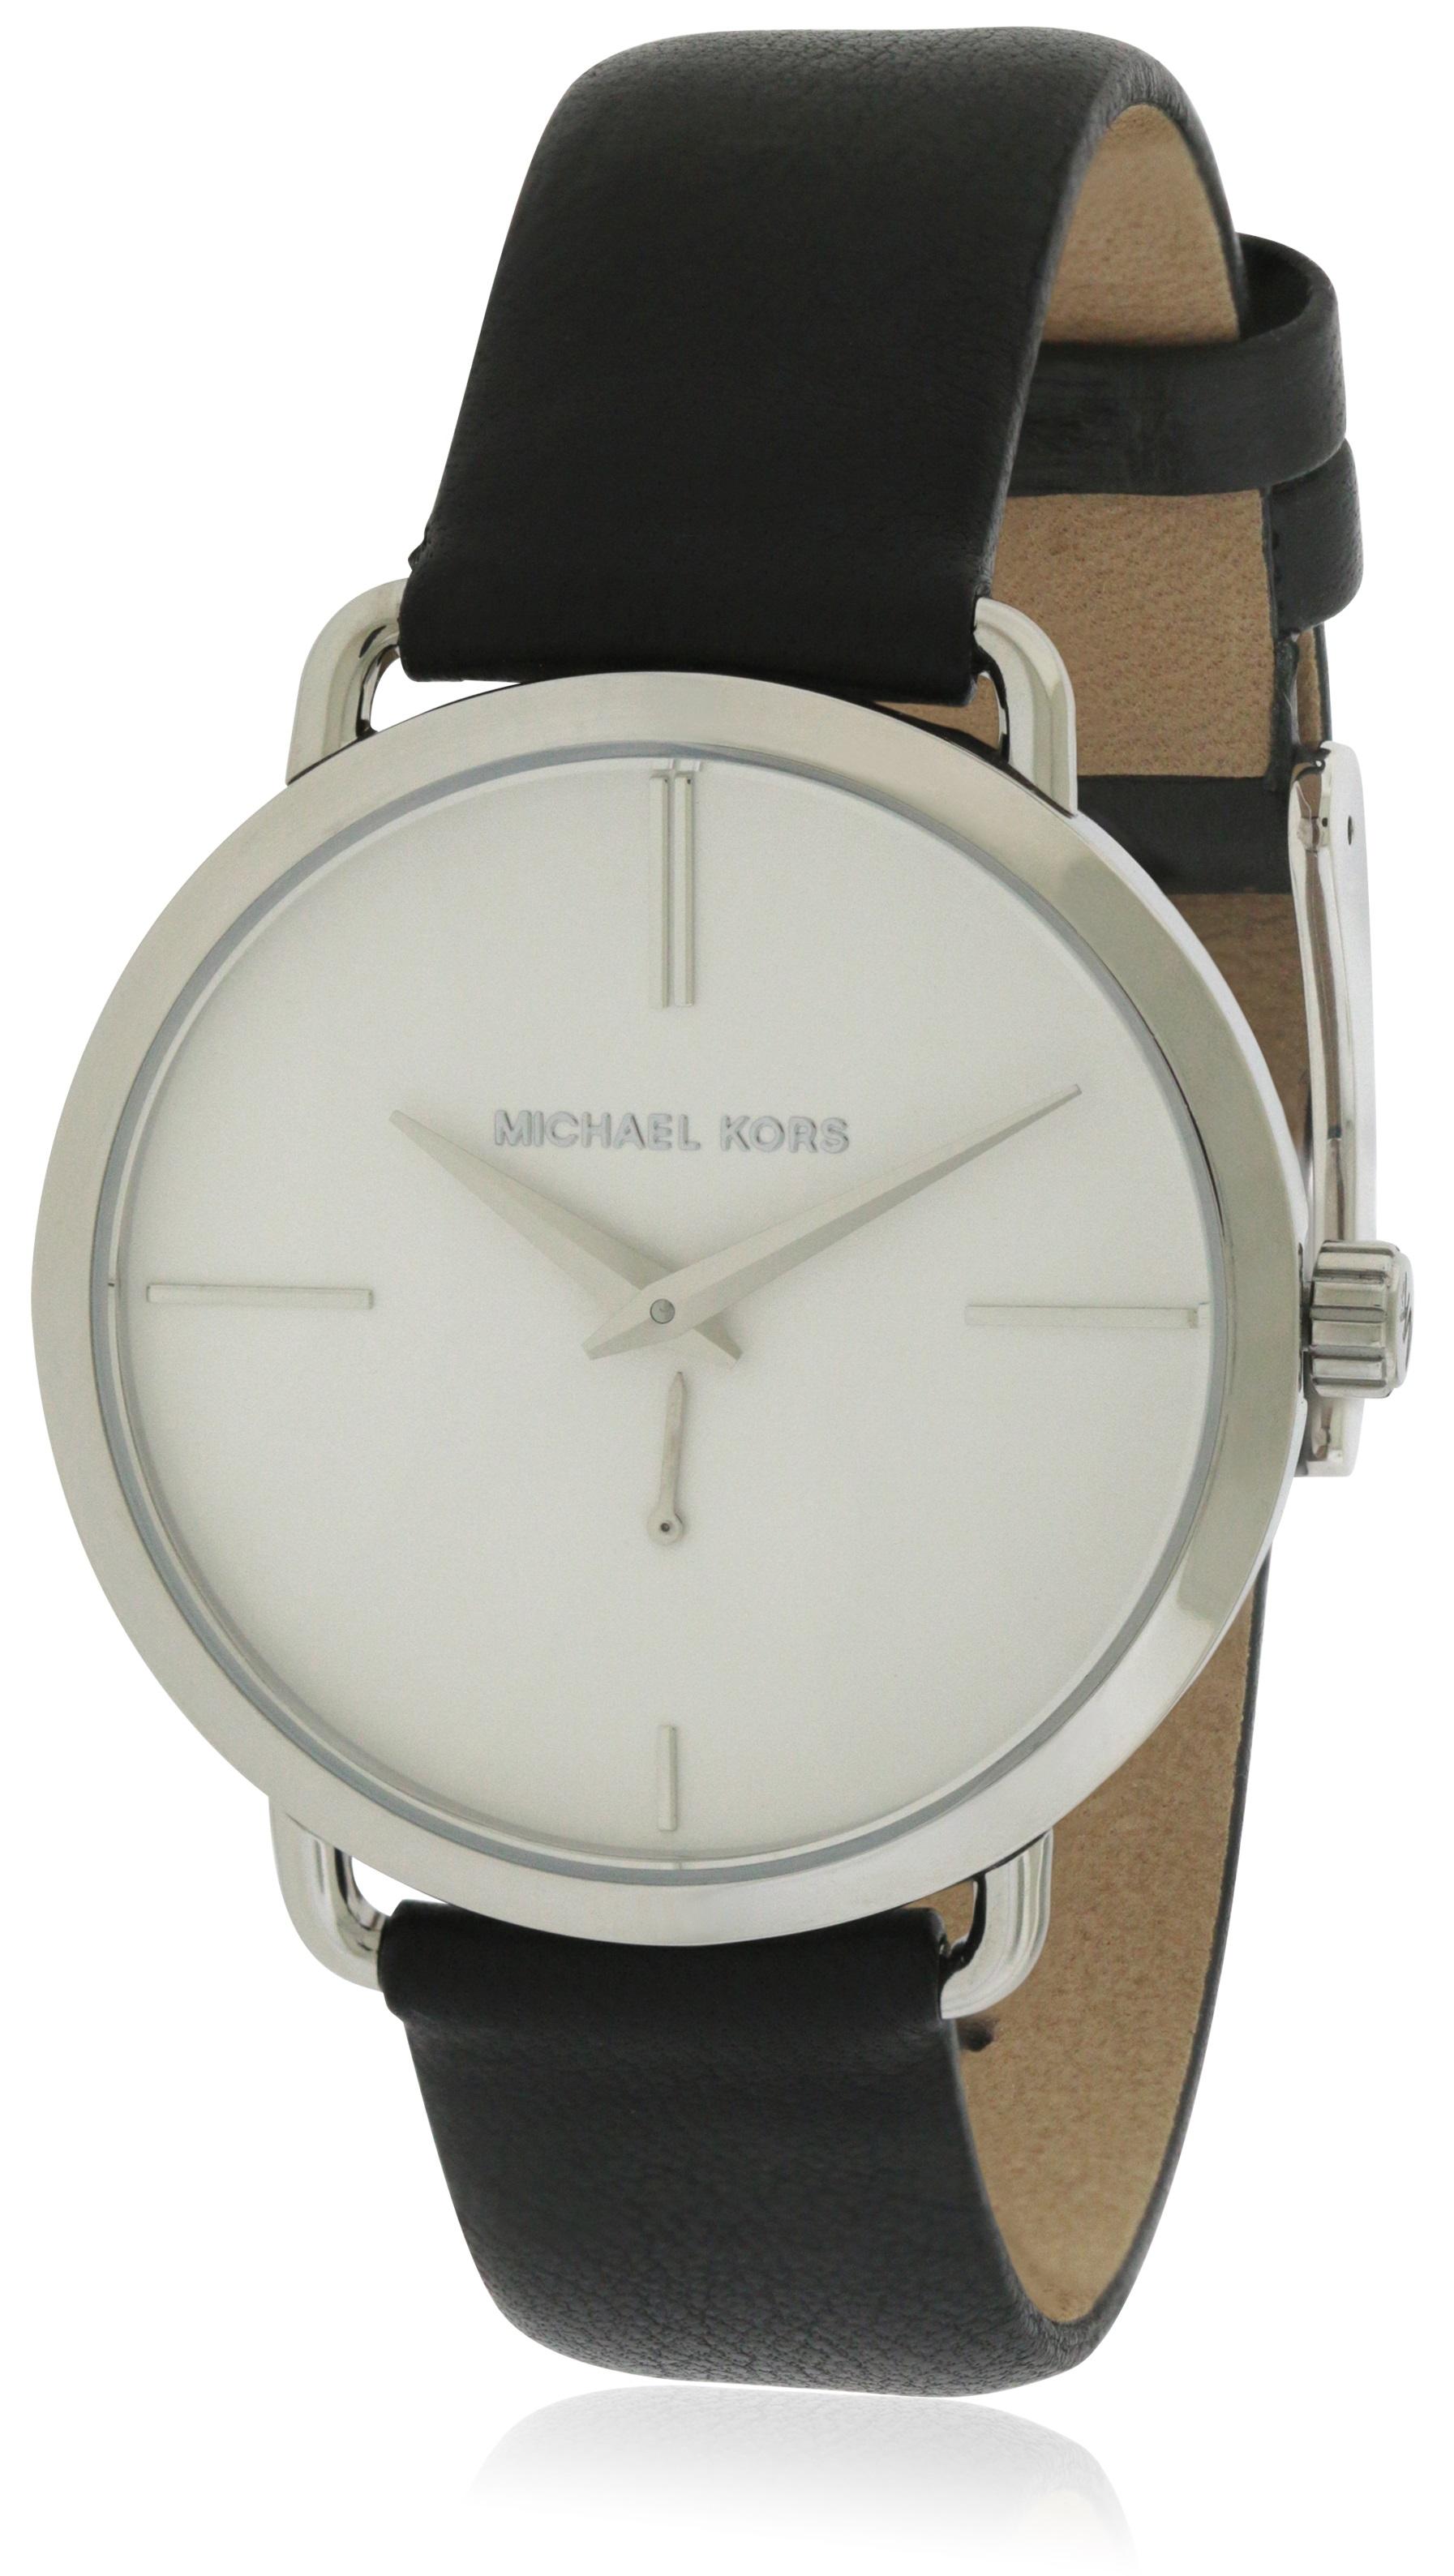 84456b9efeef Michael Kors Portia Leather Ladies Watch MK2658